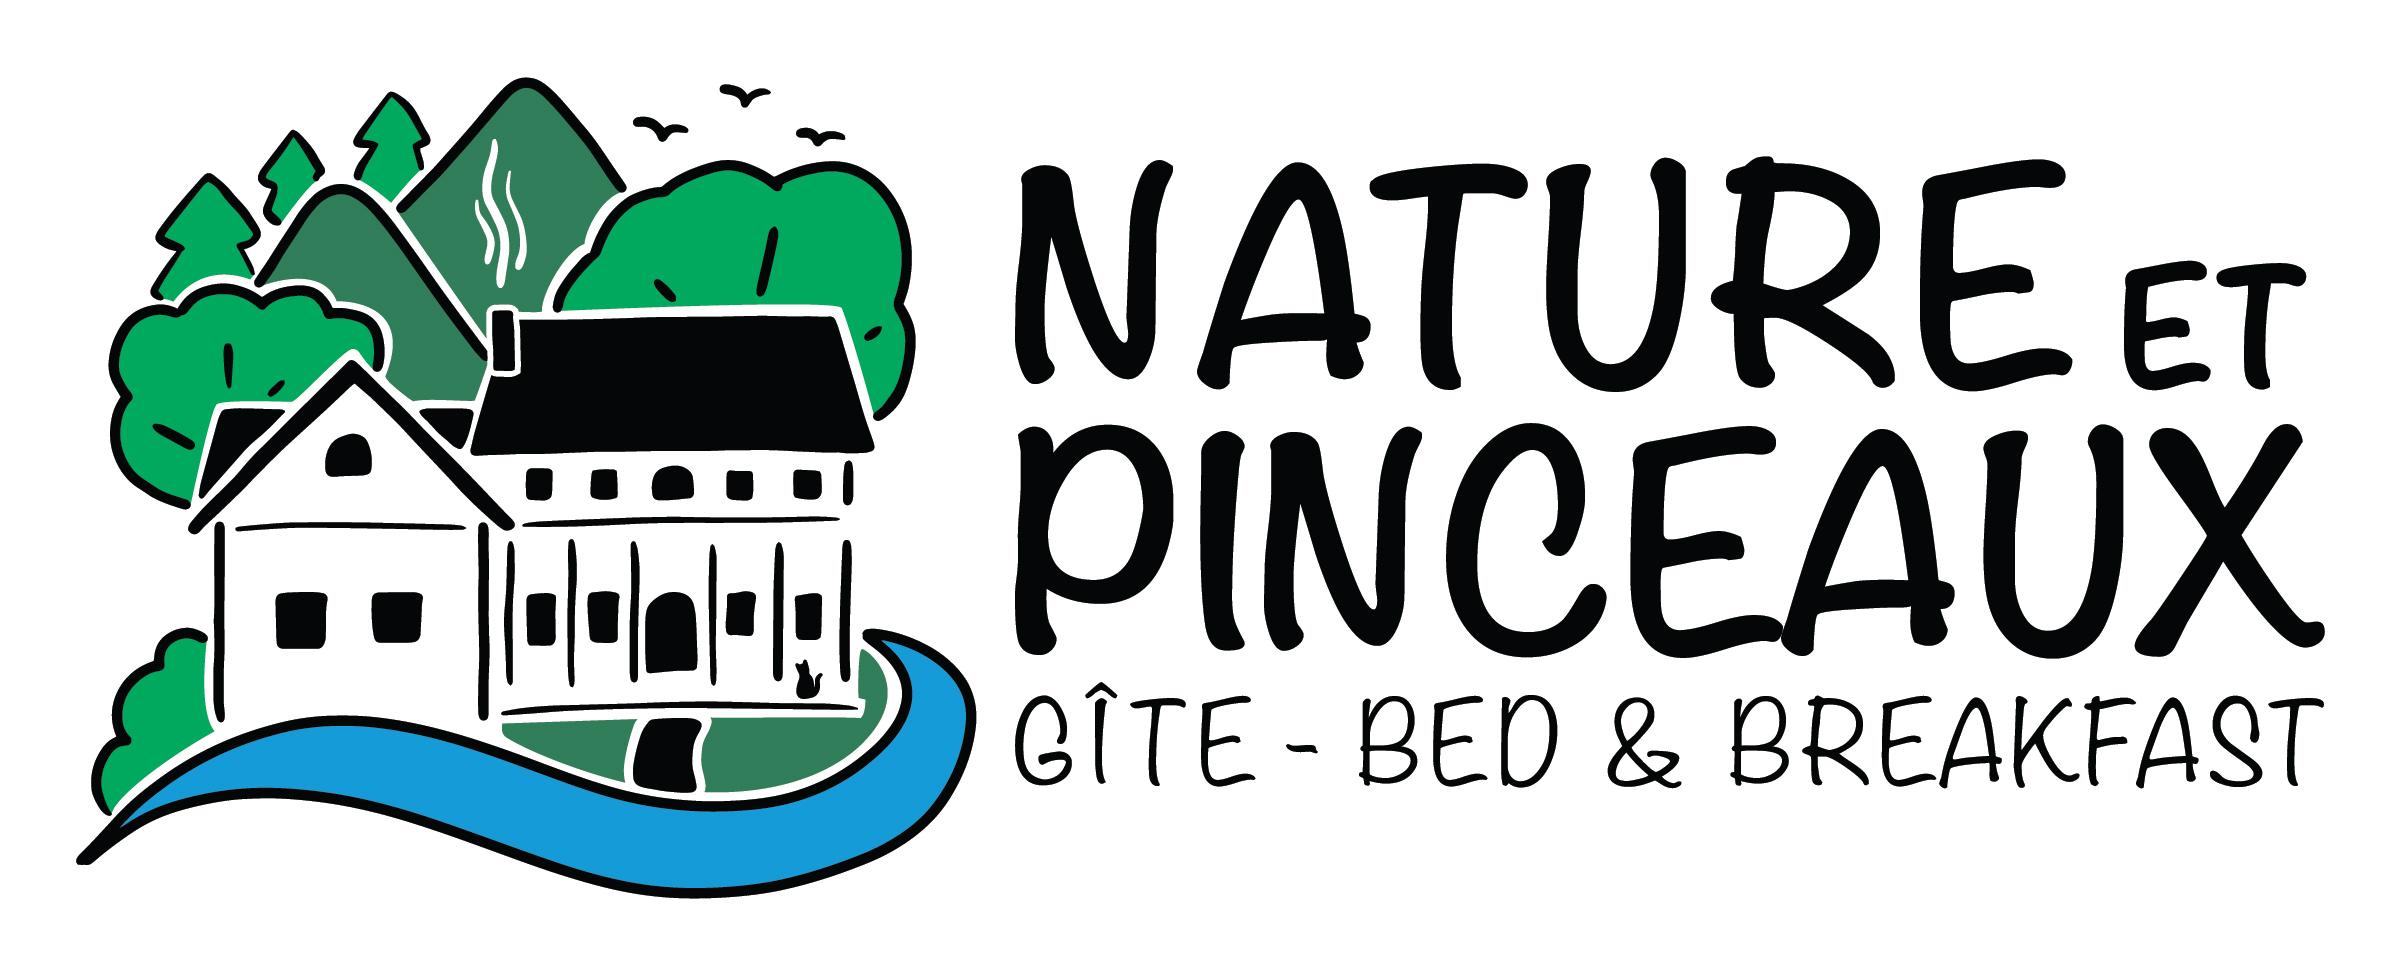 Gite Nature et Pinceaux